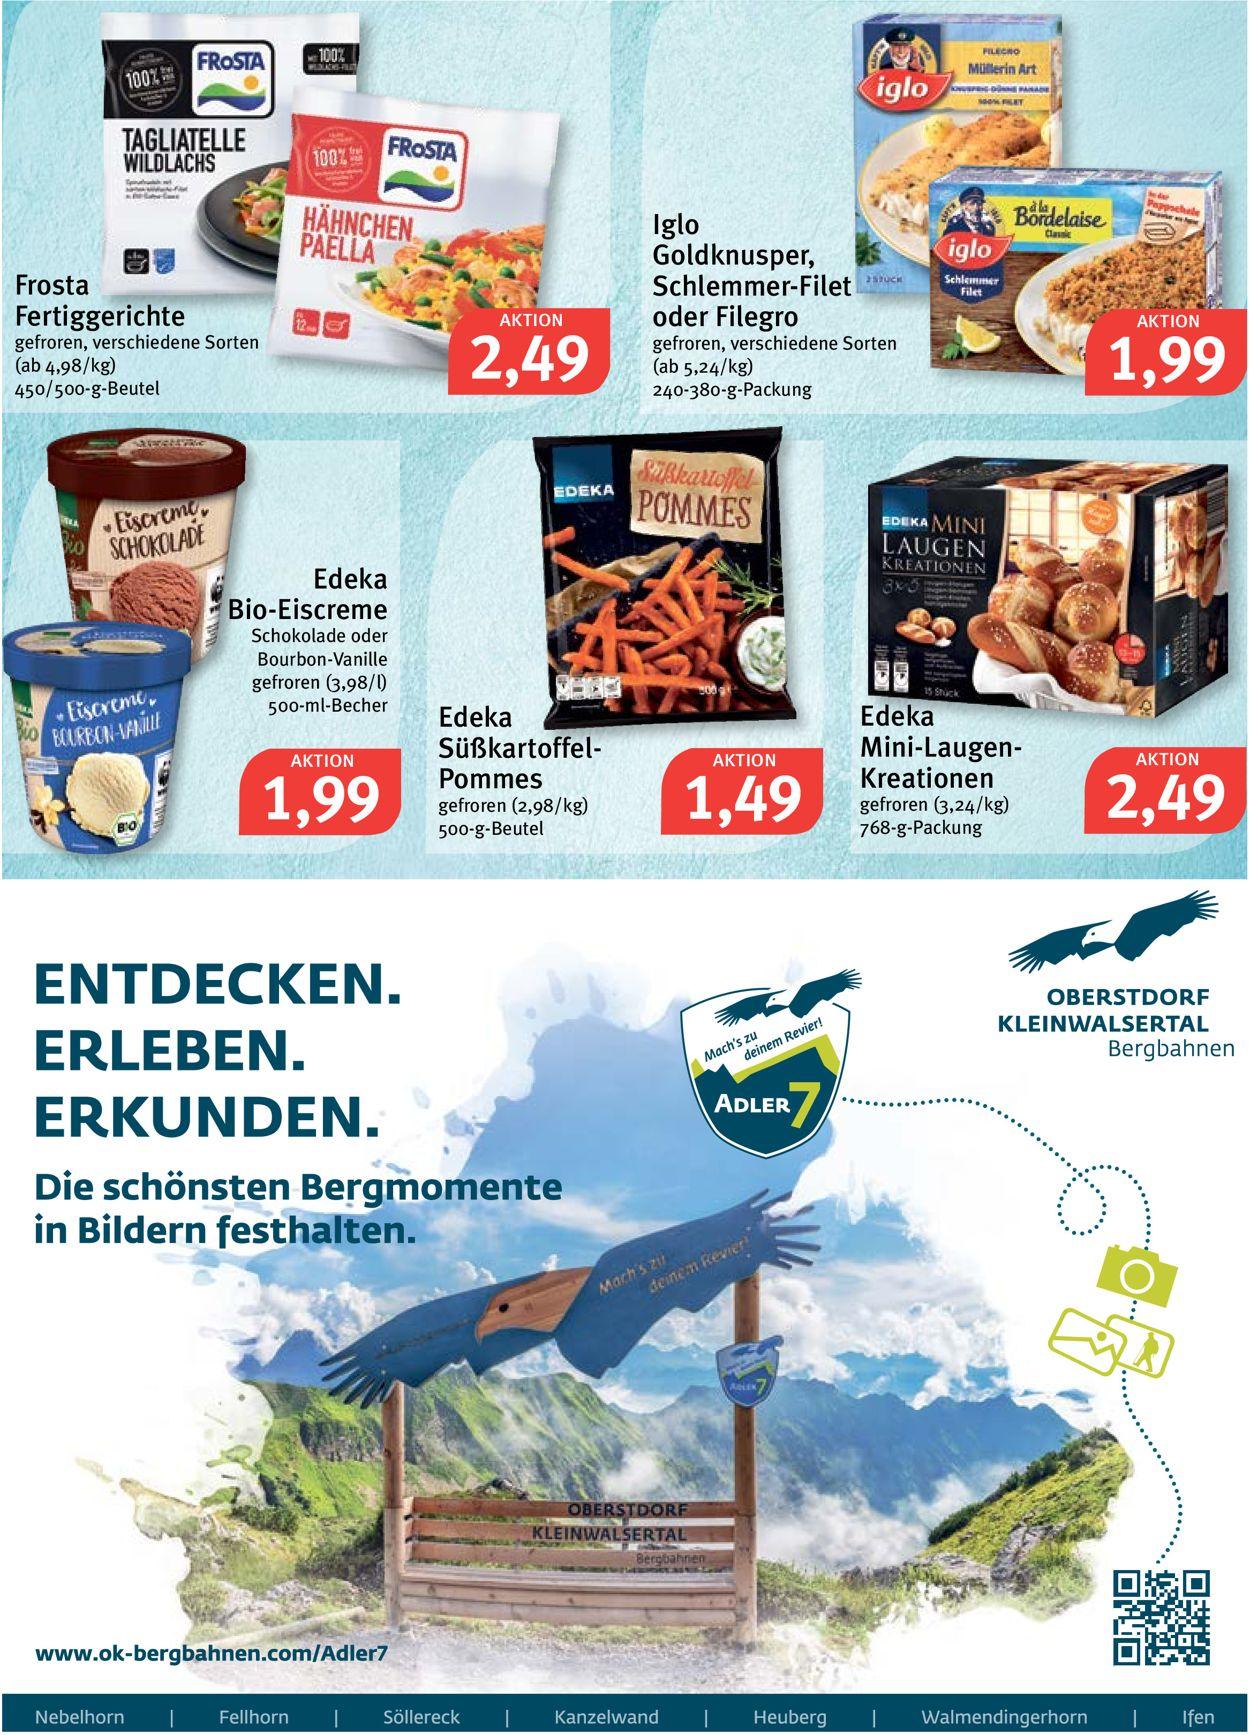 Feneberg Prospekt - Aktuell vom 22.07-24.07.2021 (Seite 16)